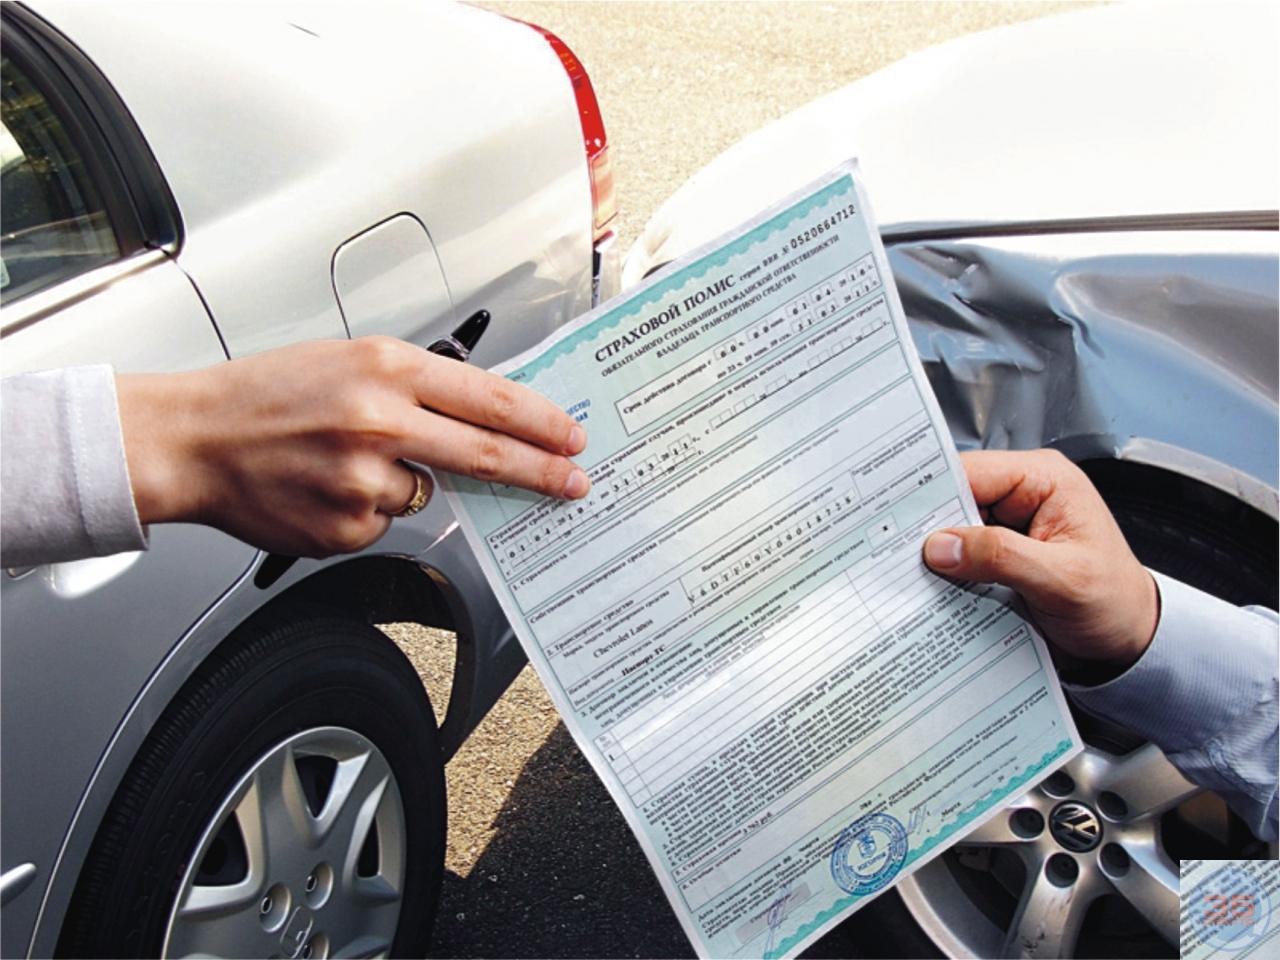 Страховщики ОСАГО будут сами определять вину участников мелких ДТП